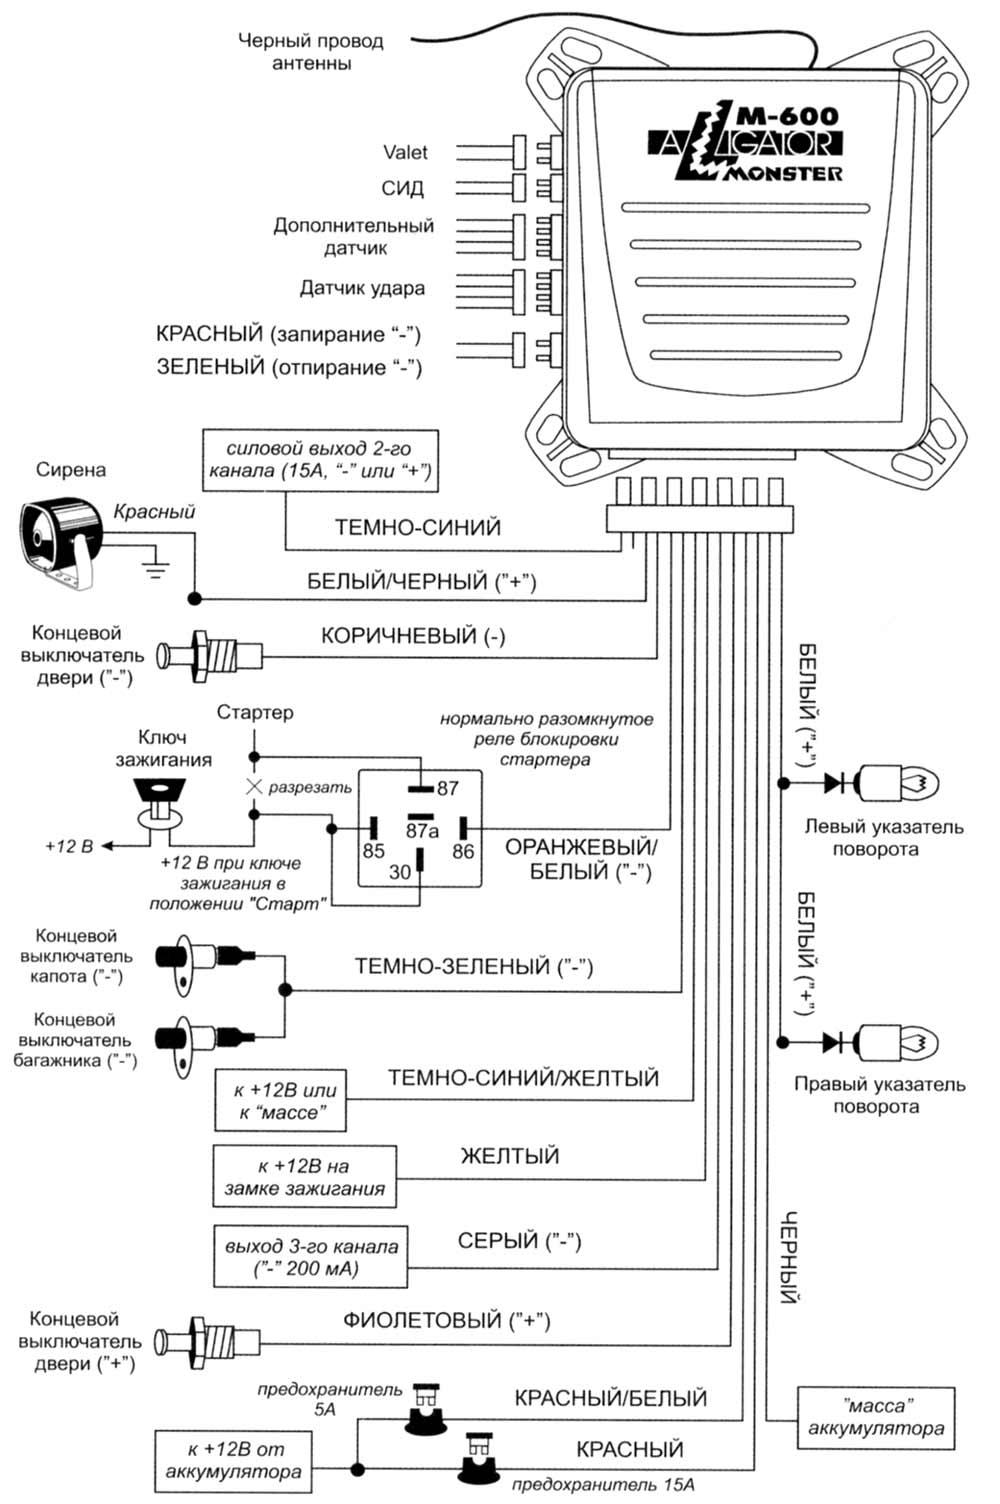 Автосигнализации схема установки аллигатор фото 984